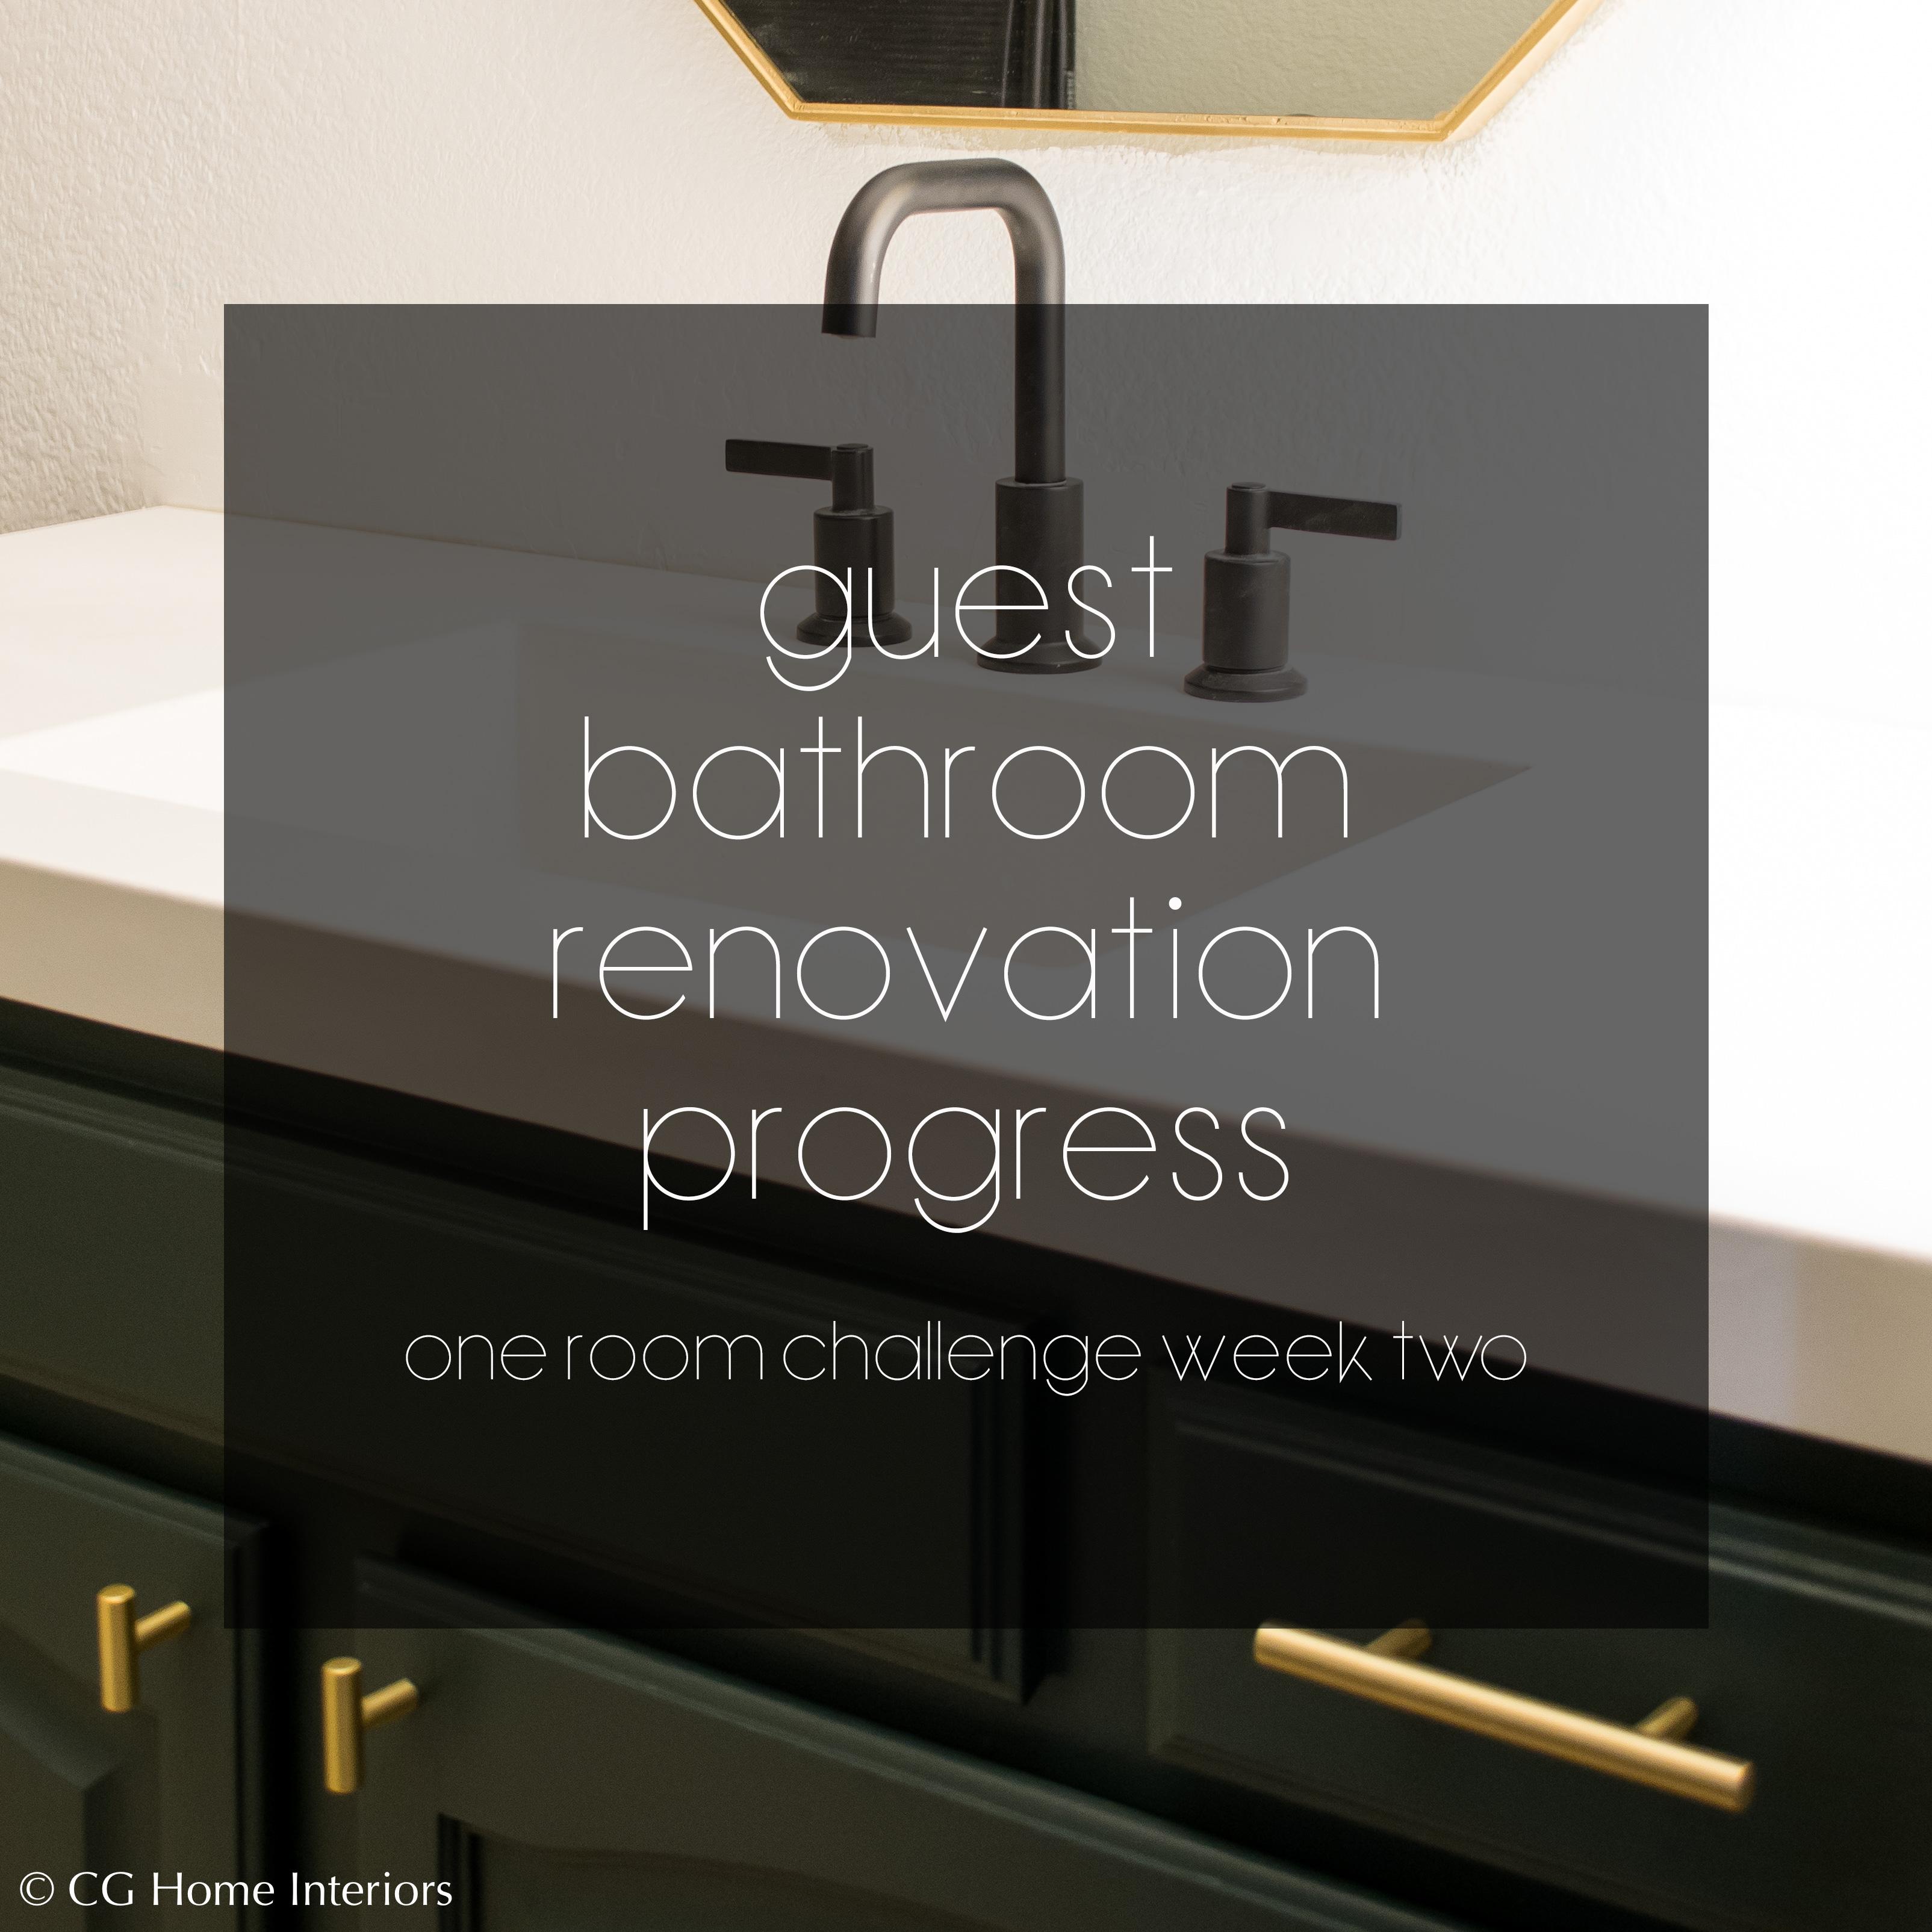 Guest Bathroom Renovation Progress - One Room Challenge Week 2